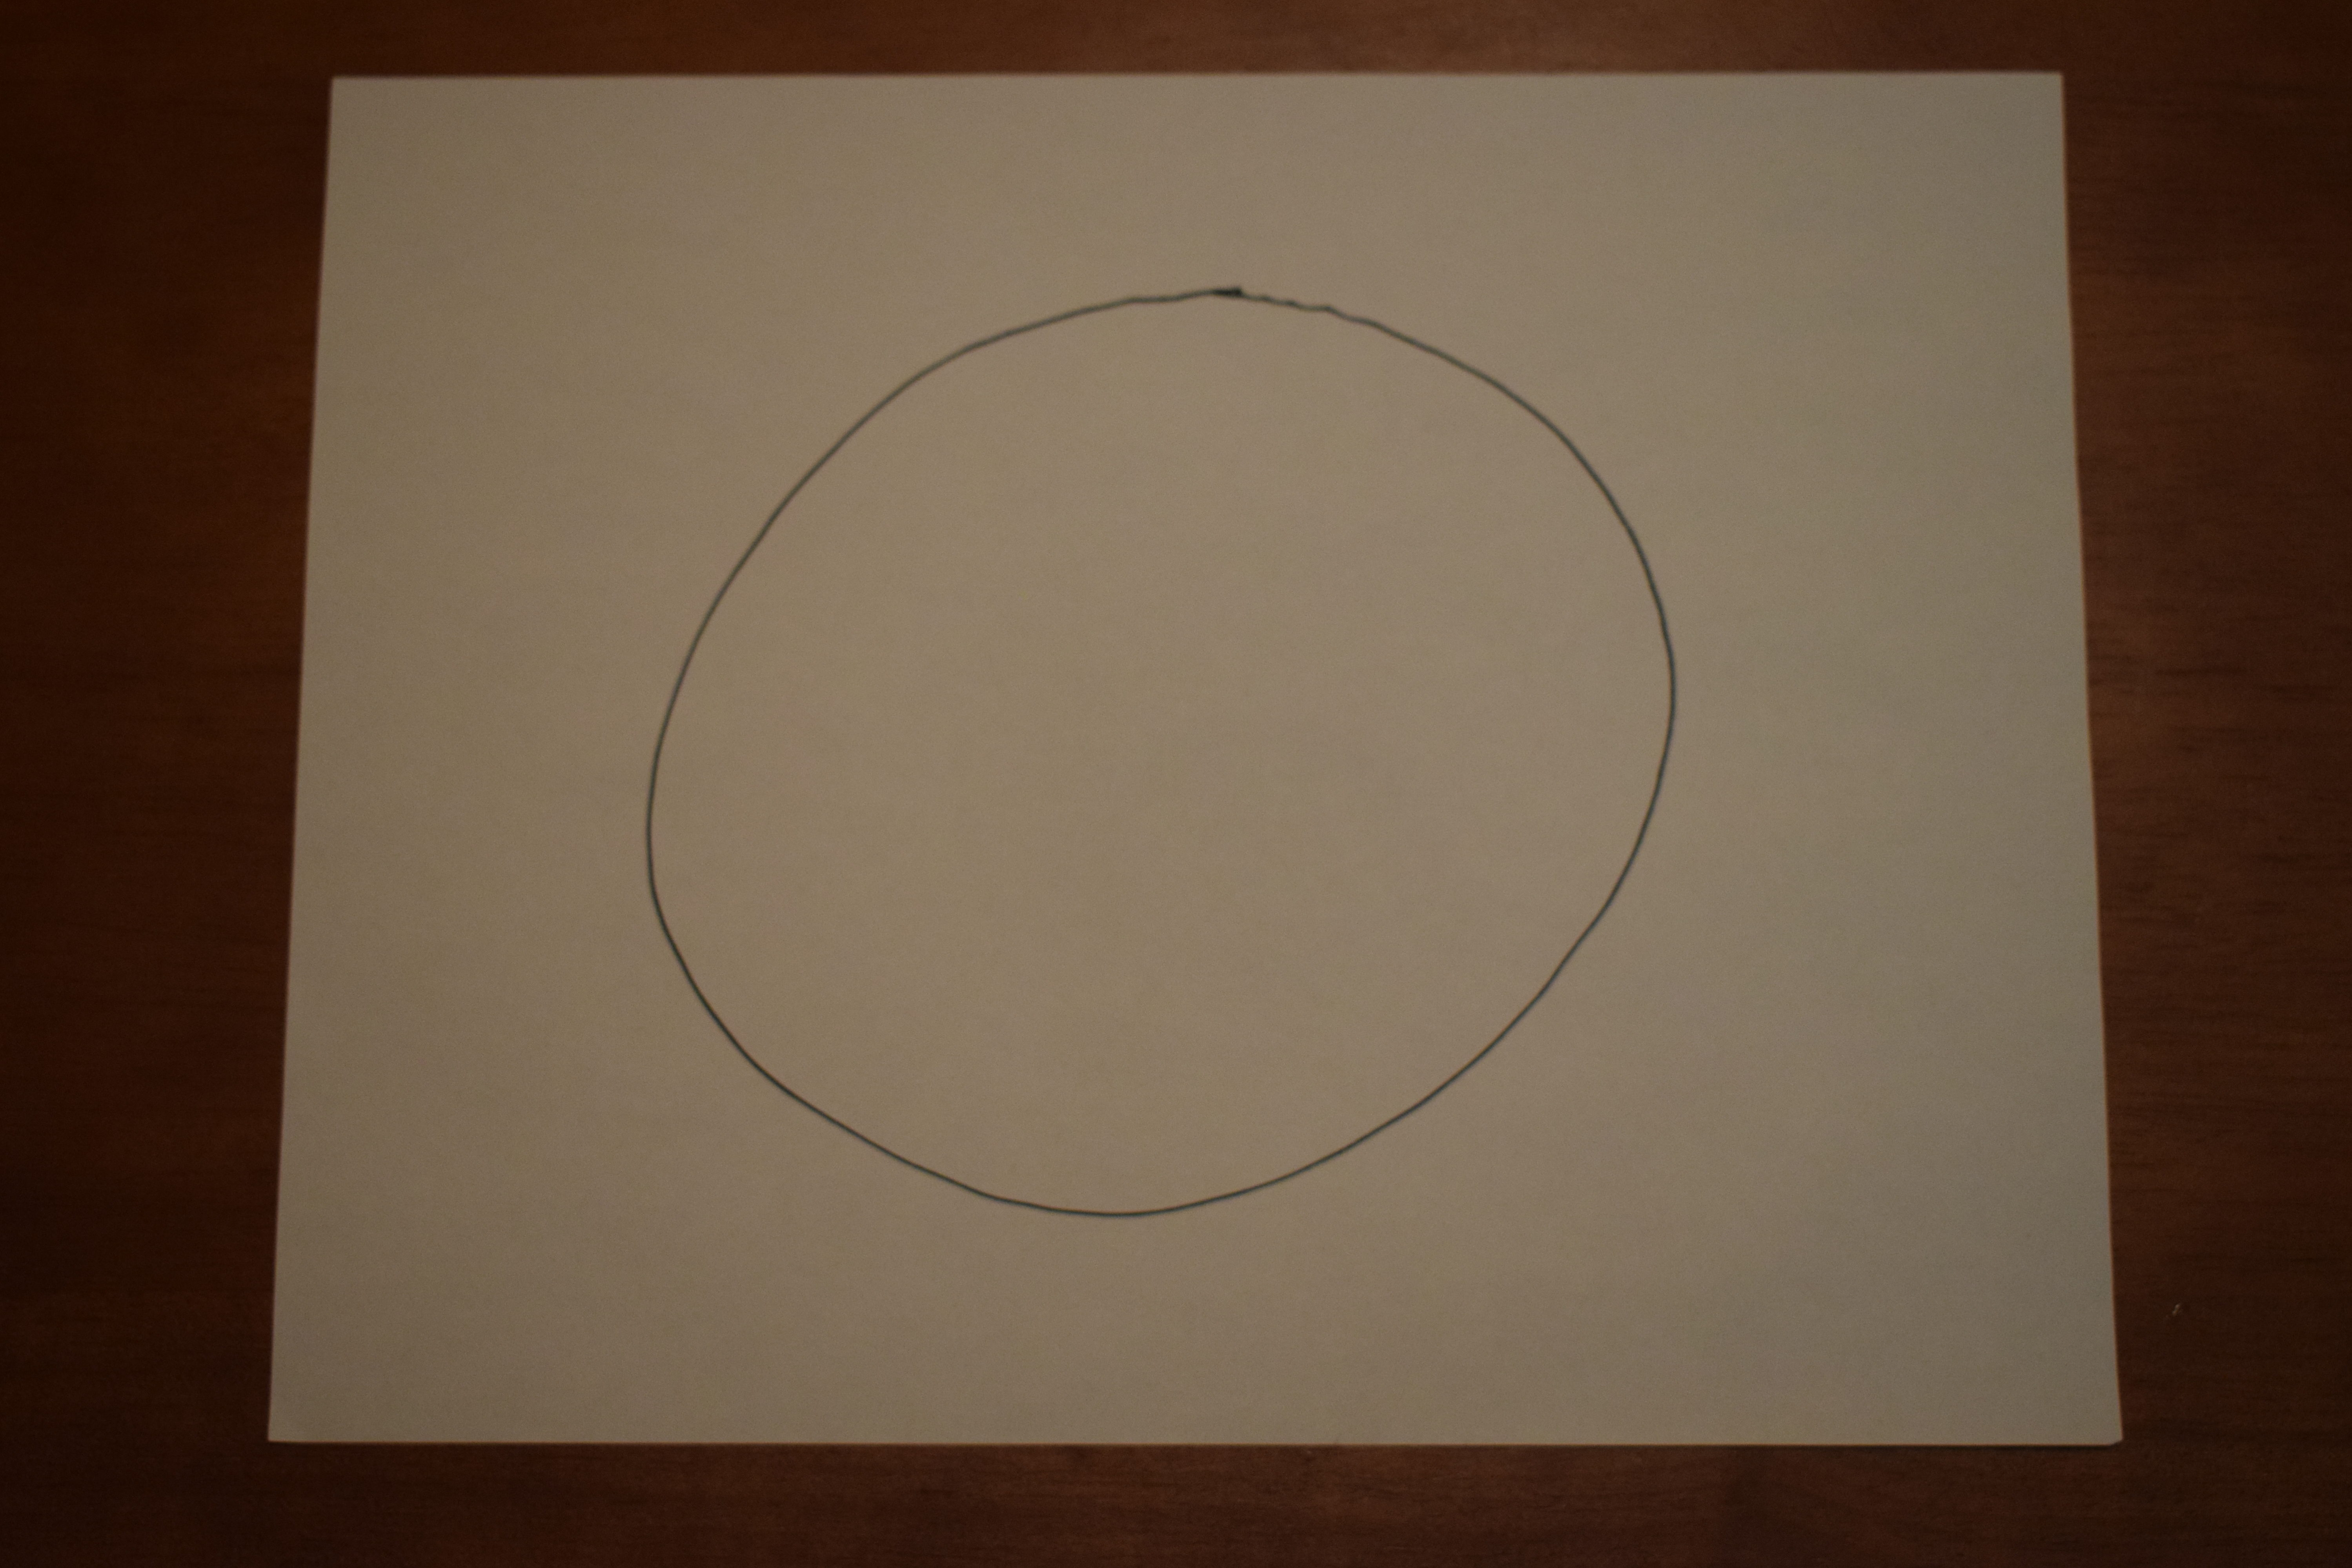 コンパス無しで綺麗な円を描けない